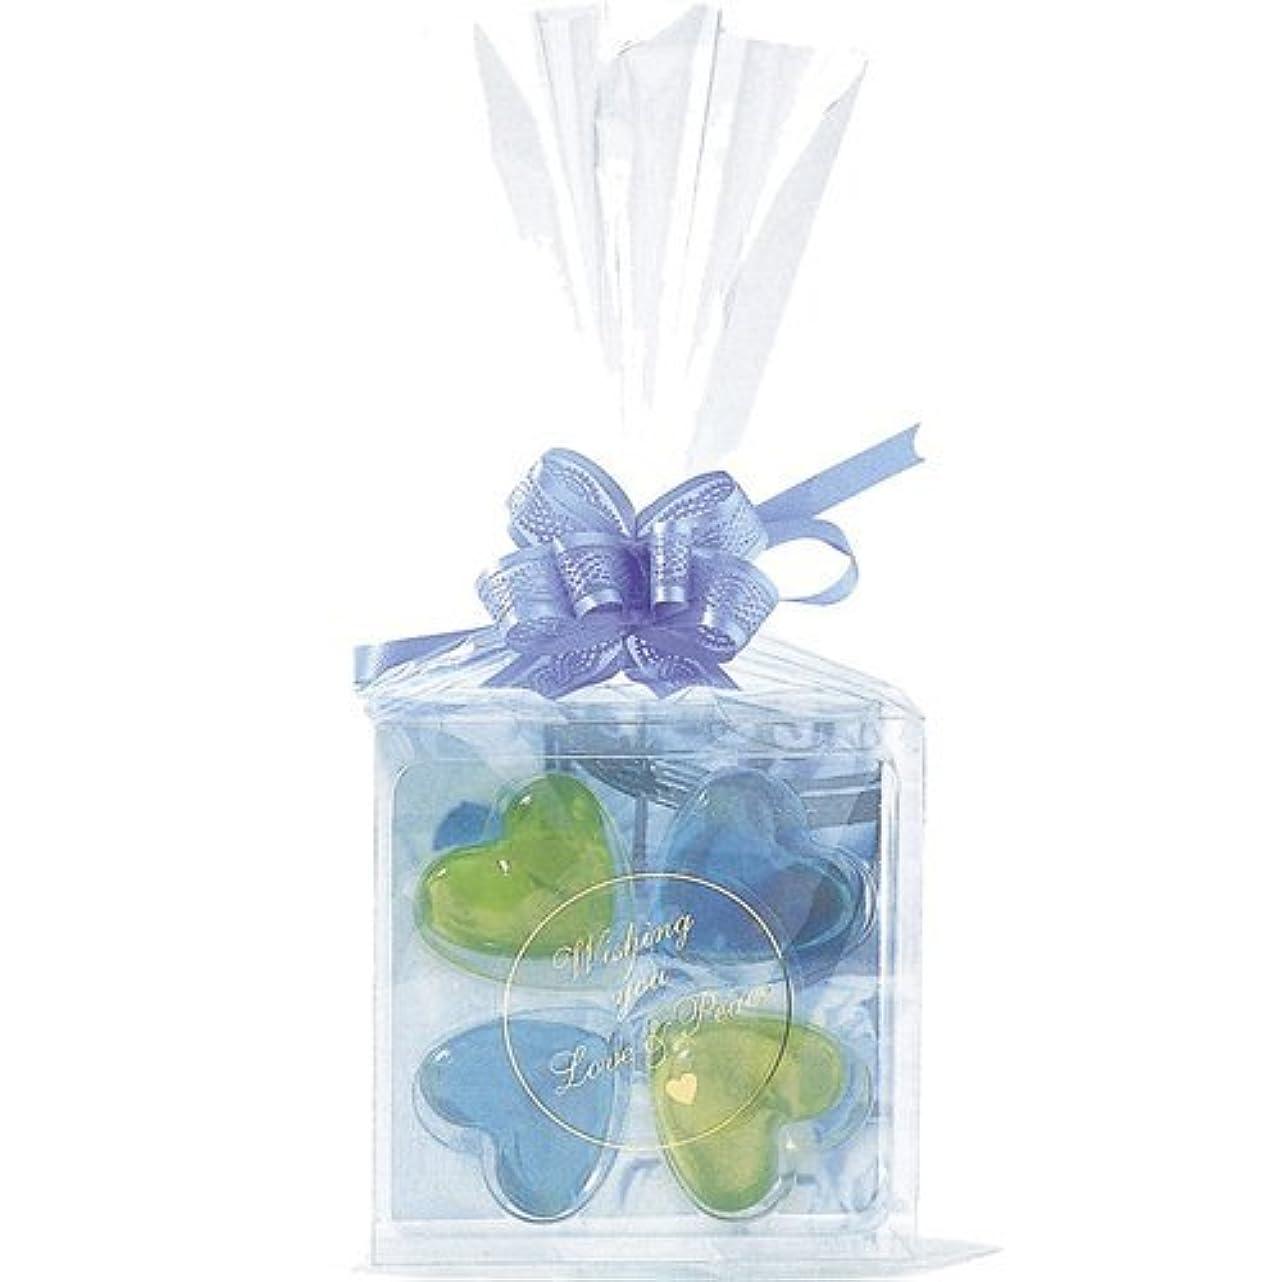 接尾辞増強同盟ジーピークリエイツ フォーチューンクローバー ブルー 入浴料セット(グリーンアップル、ベリー)